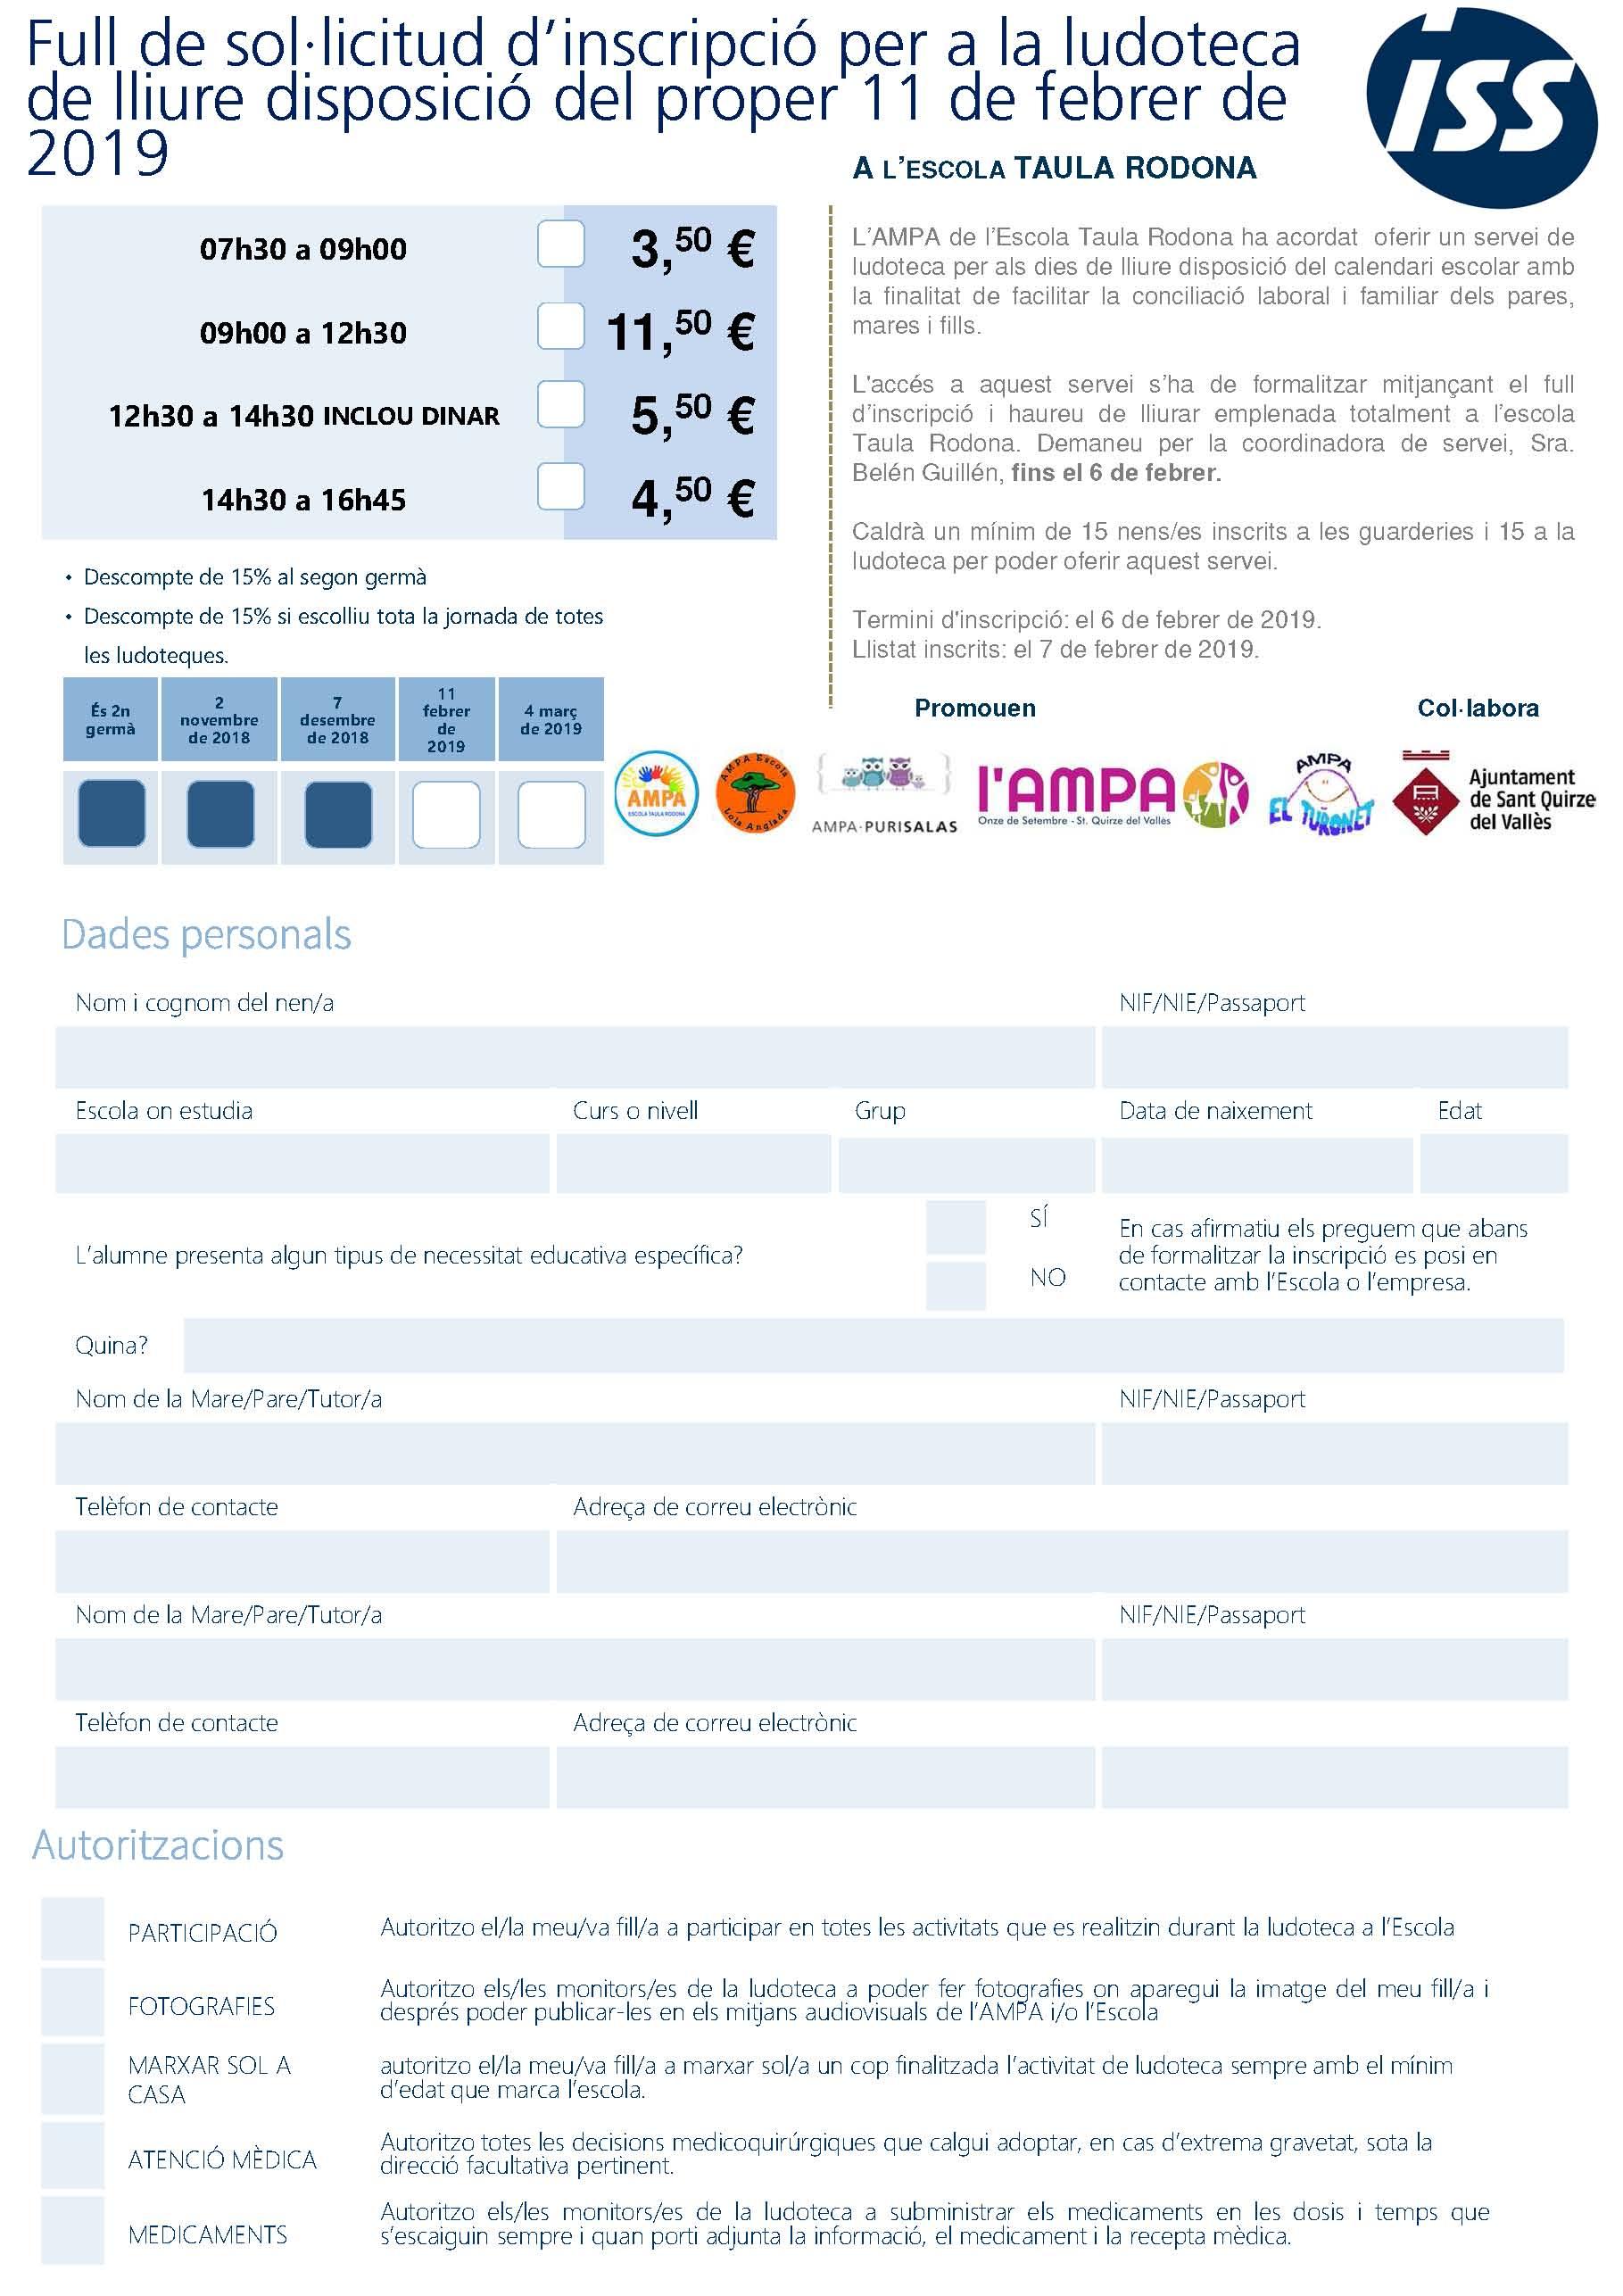 ludoteca 11 feb taula rodona_página_1